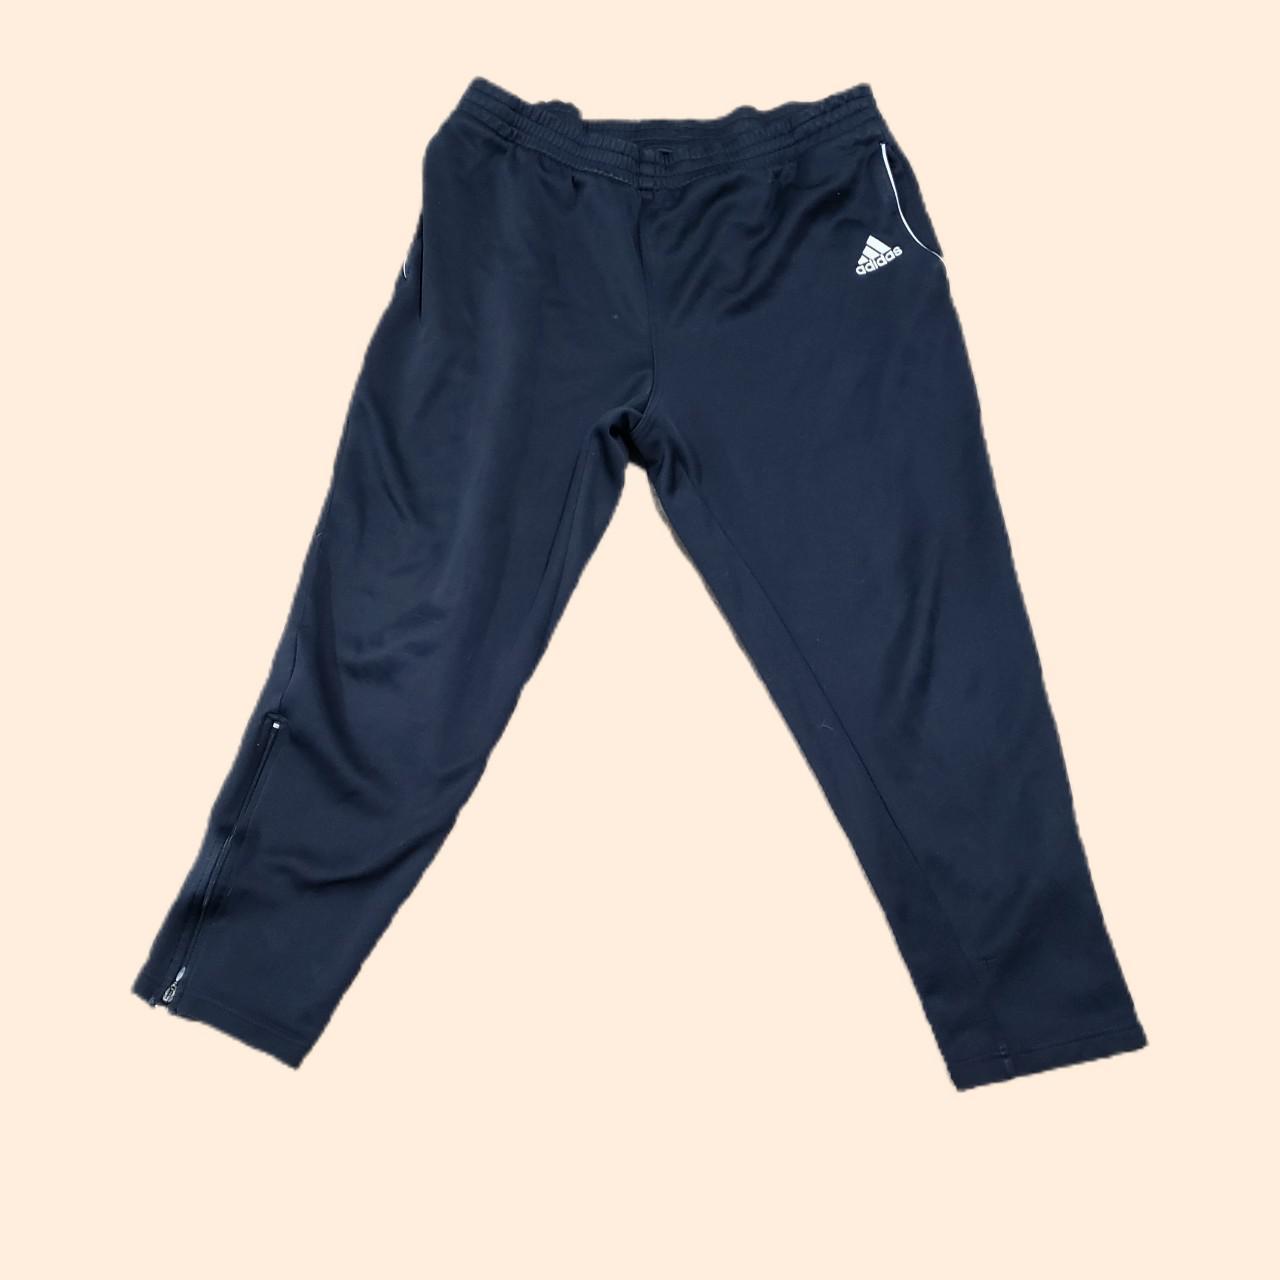 Product Image 1 - Vintage Adidas Sweats   Size: Medium